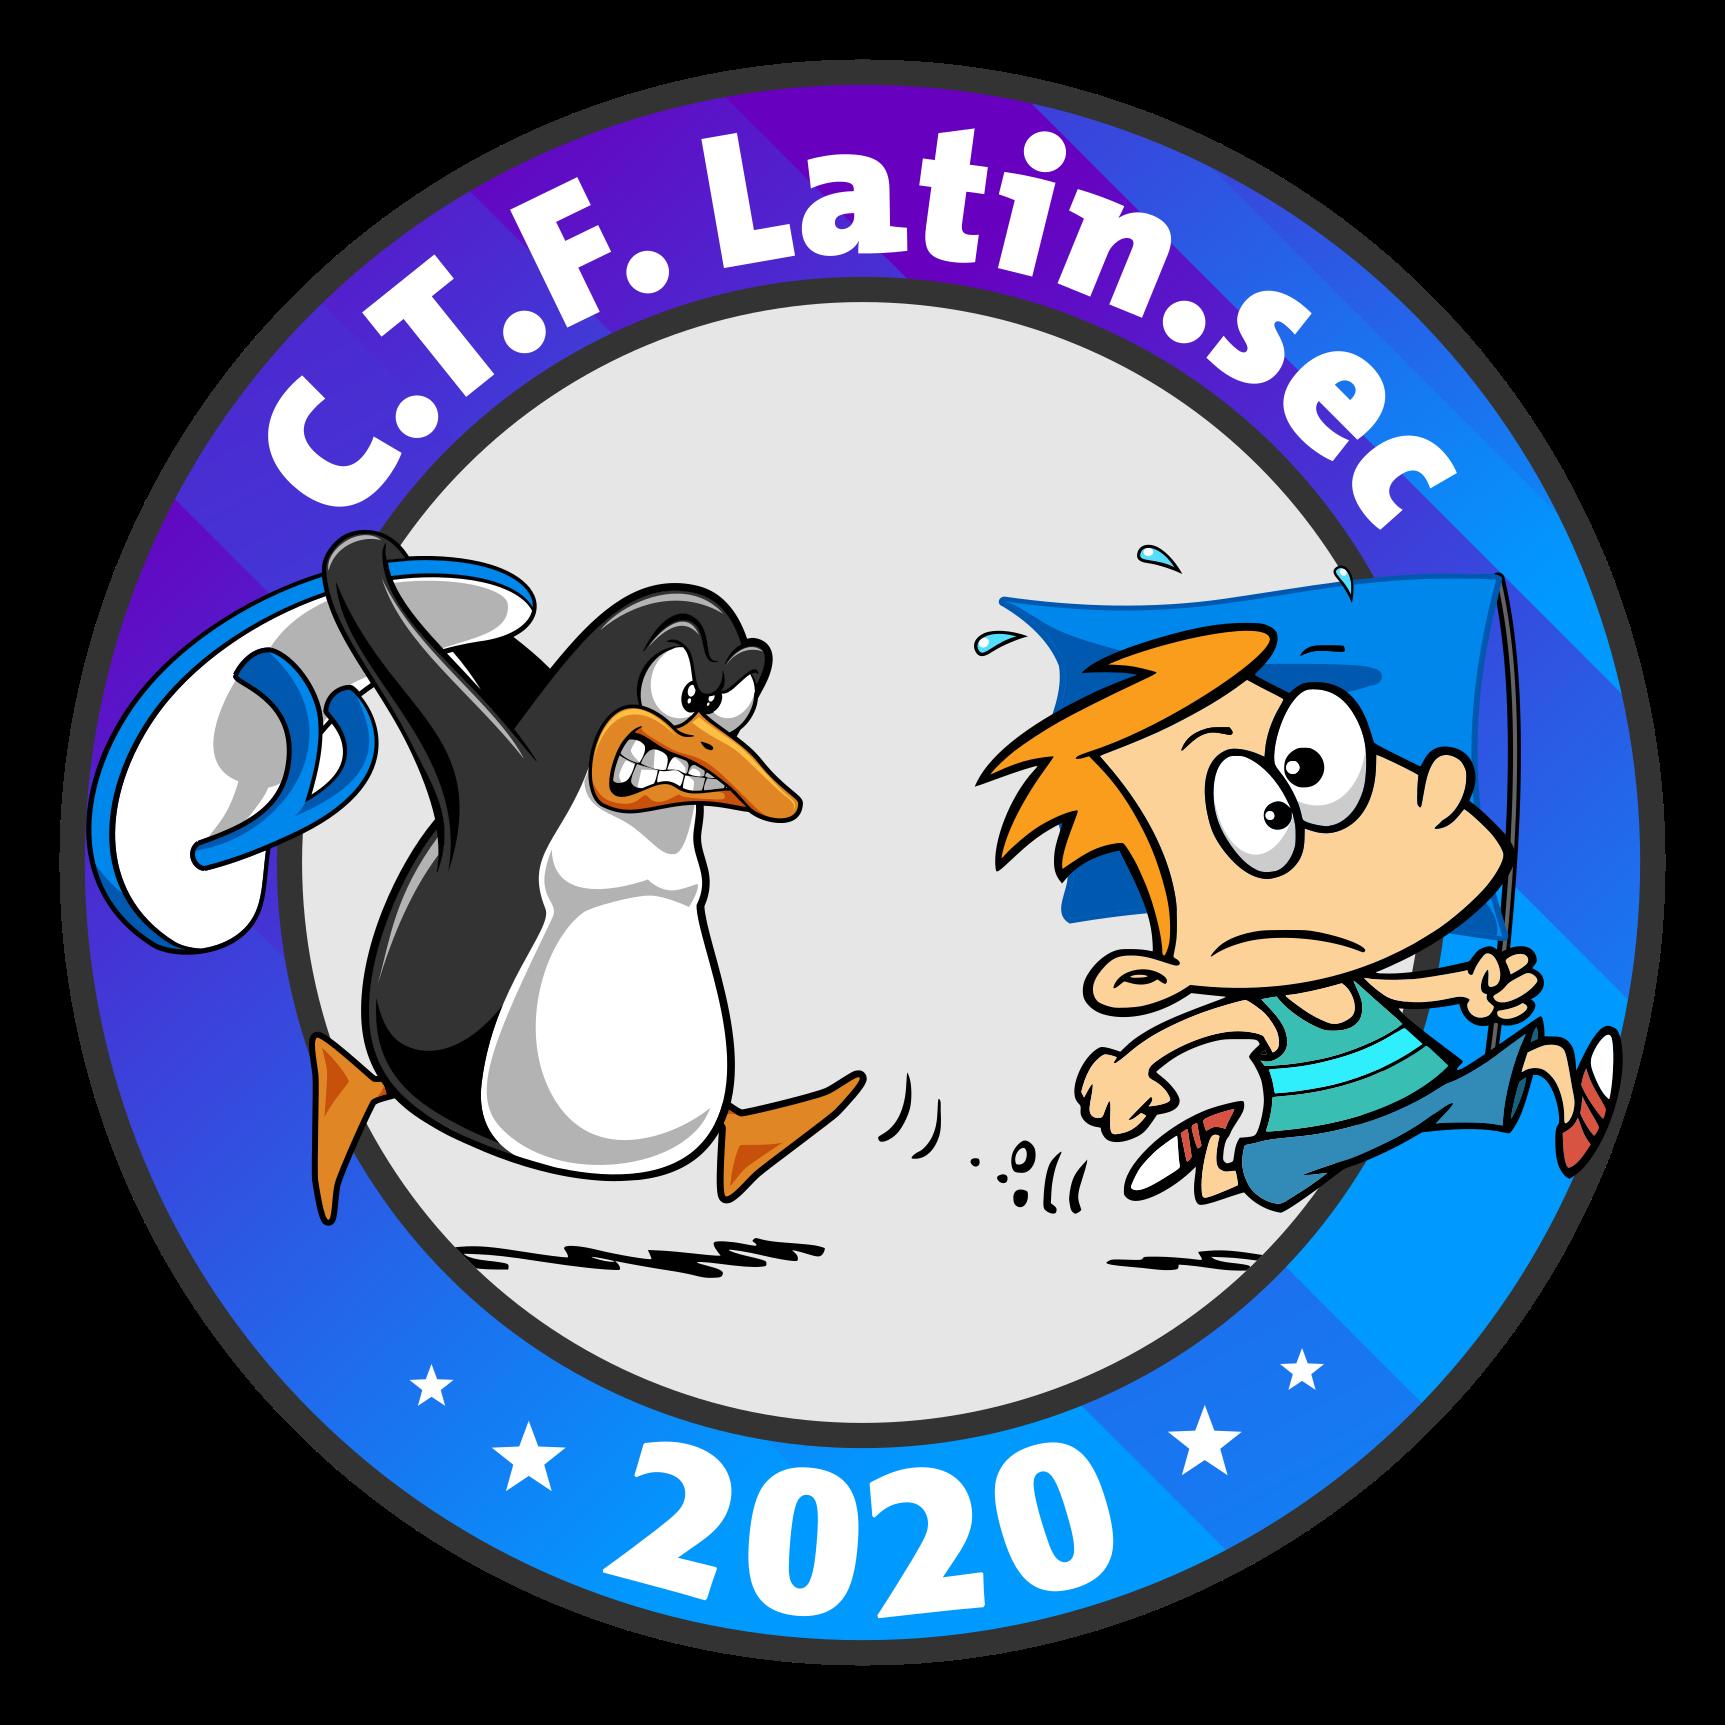 CTF na Latinoware, com premiações